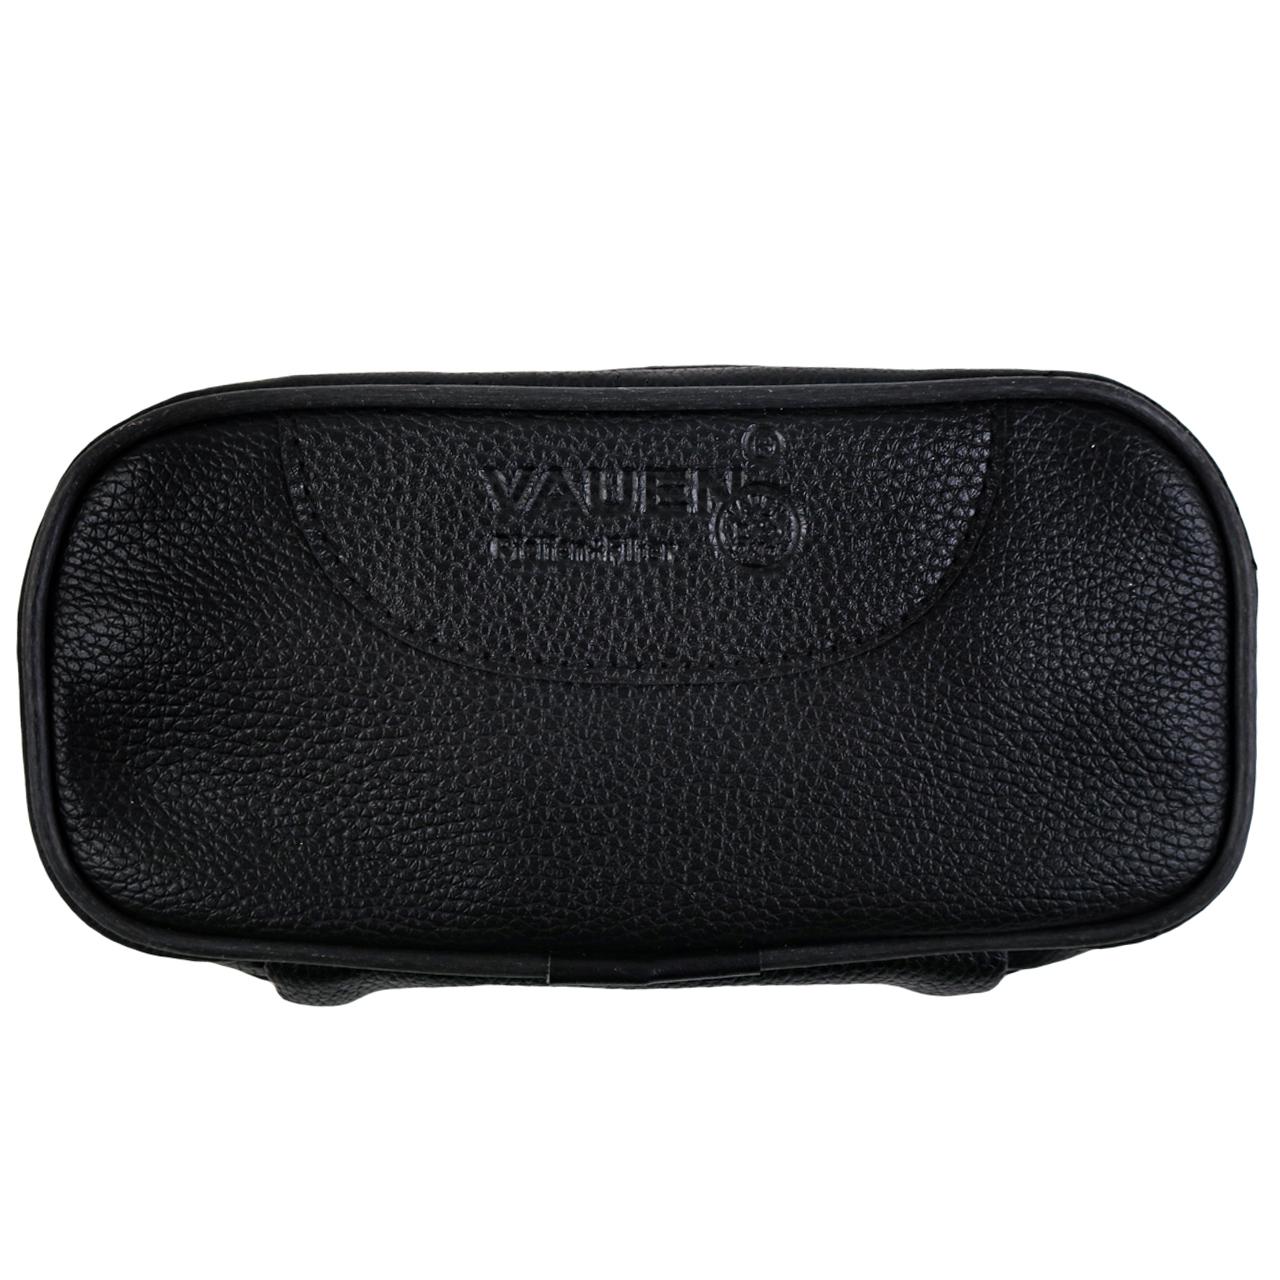 خرید                     کیف پیپ وایون مدل VA-SOUTH685B